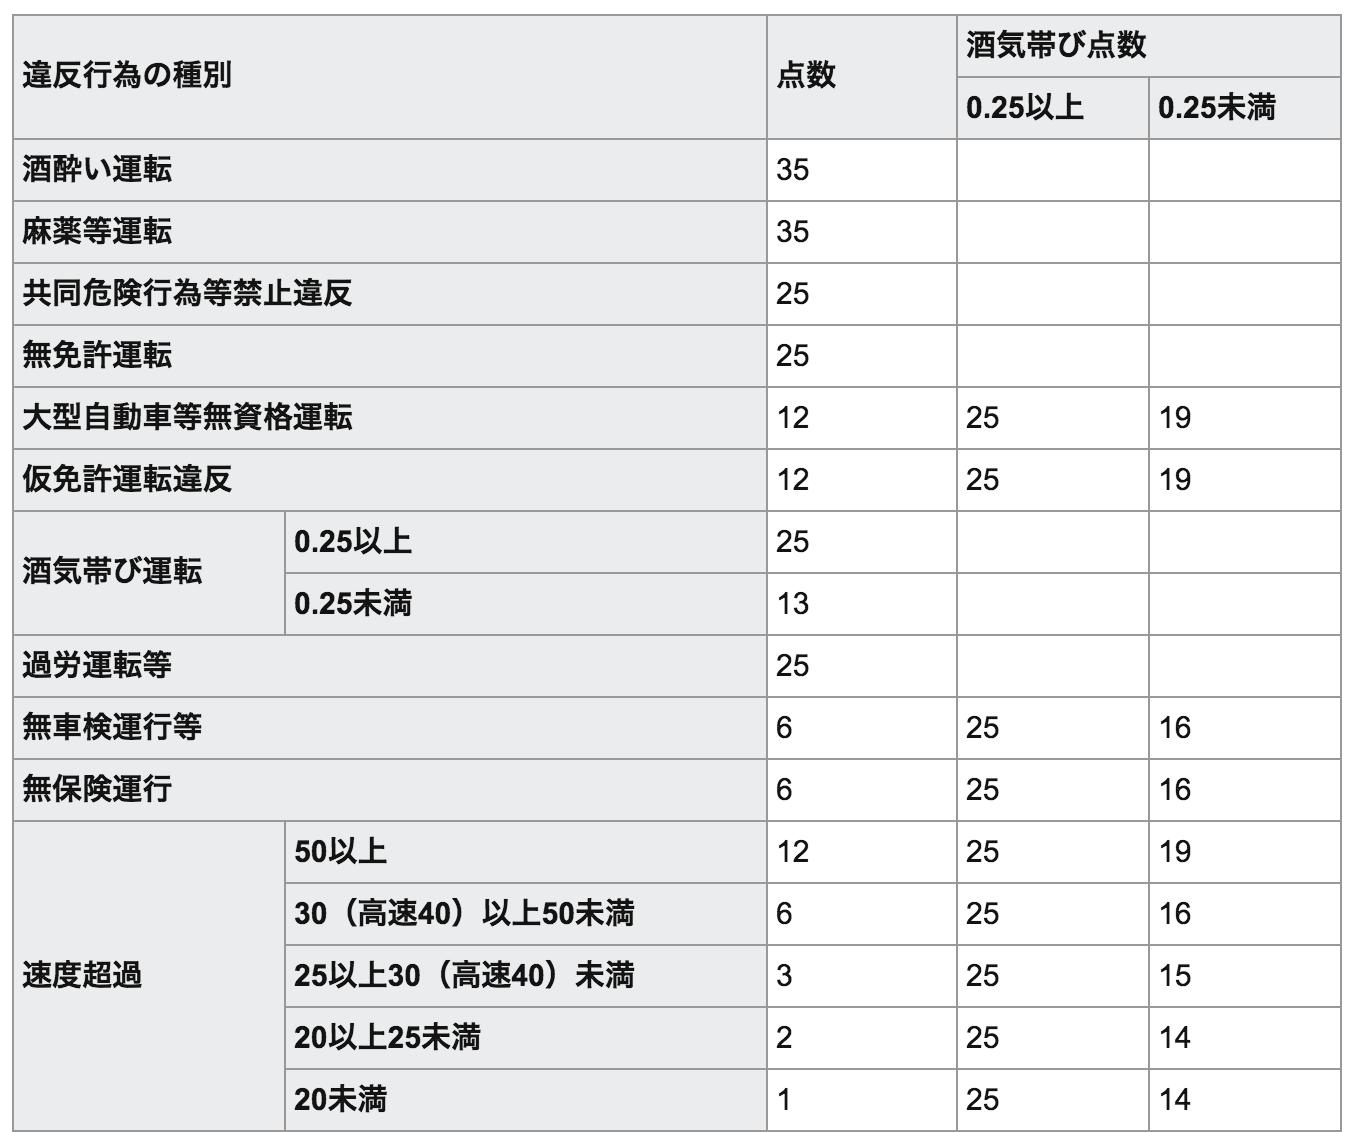 交通違反の点数一覧表